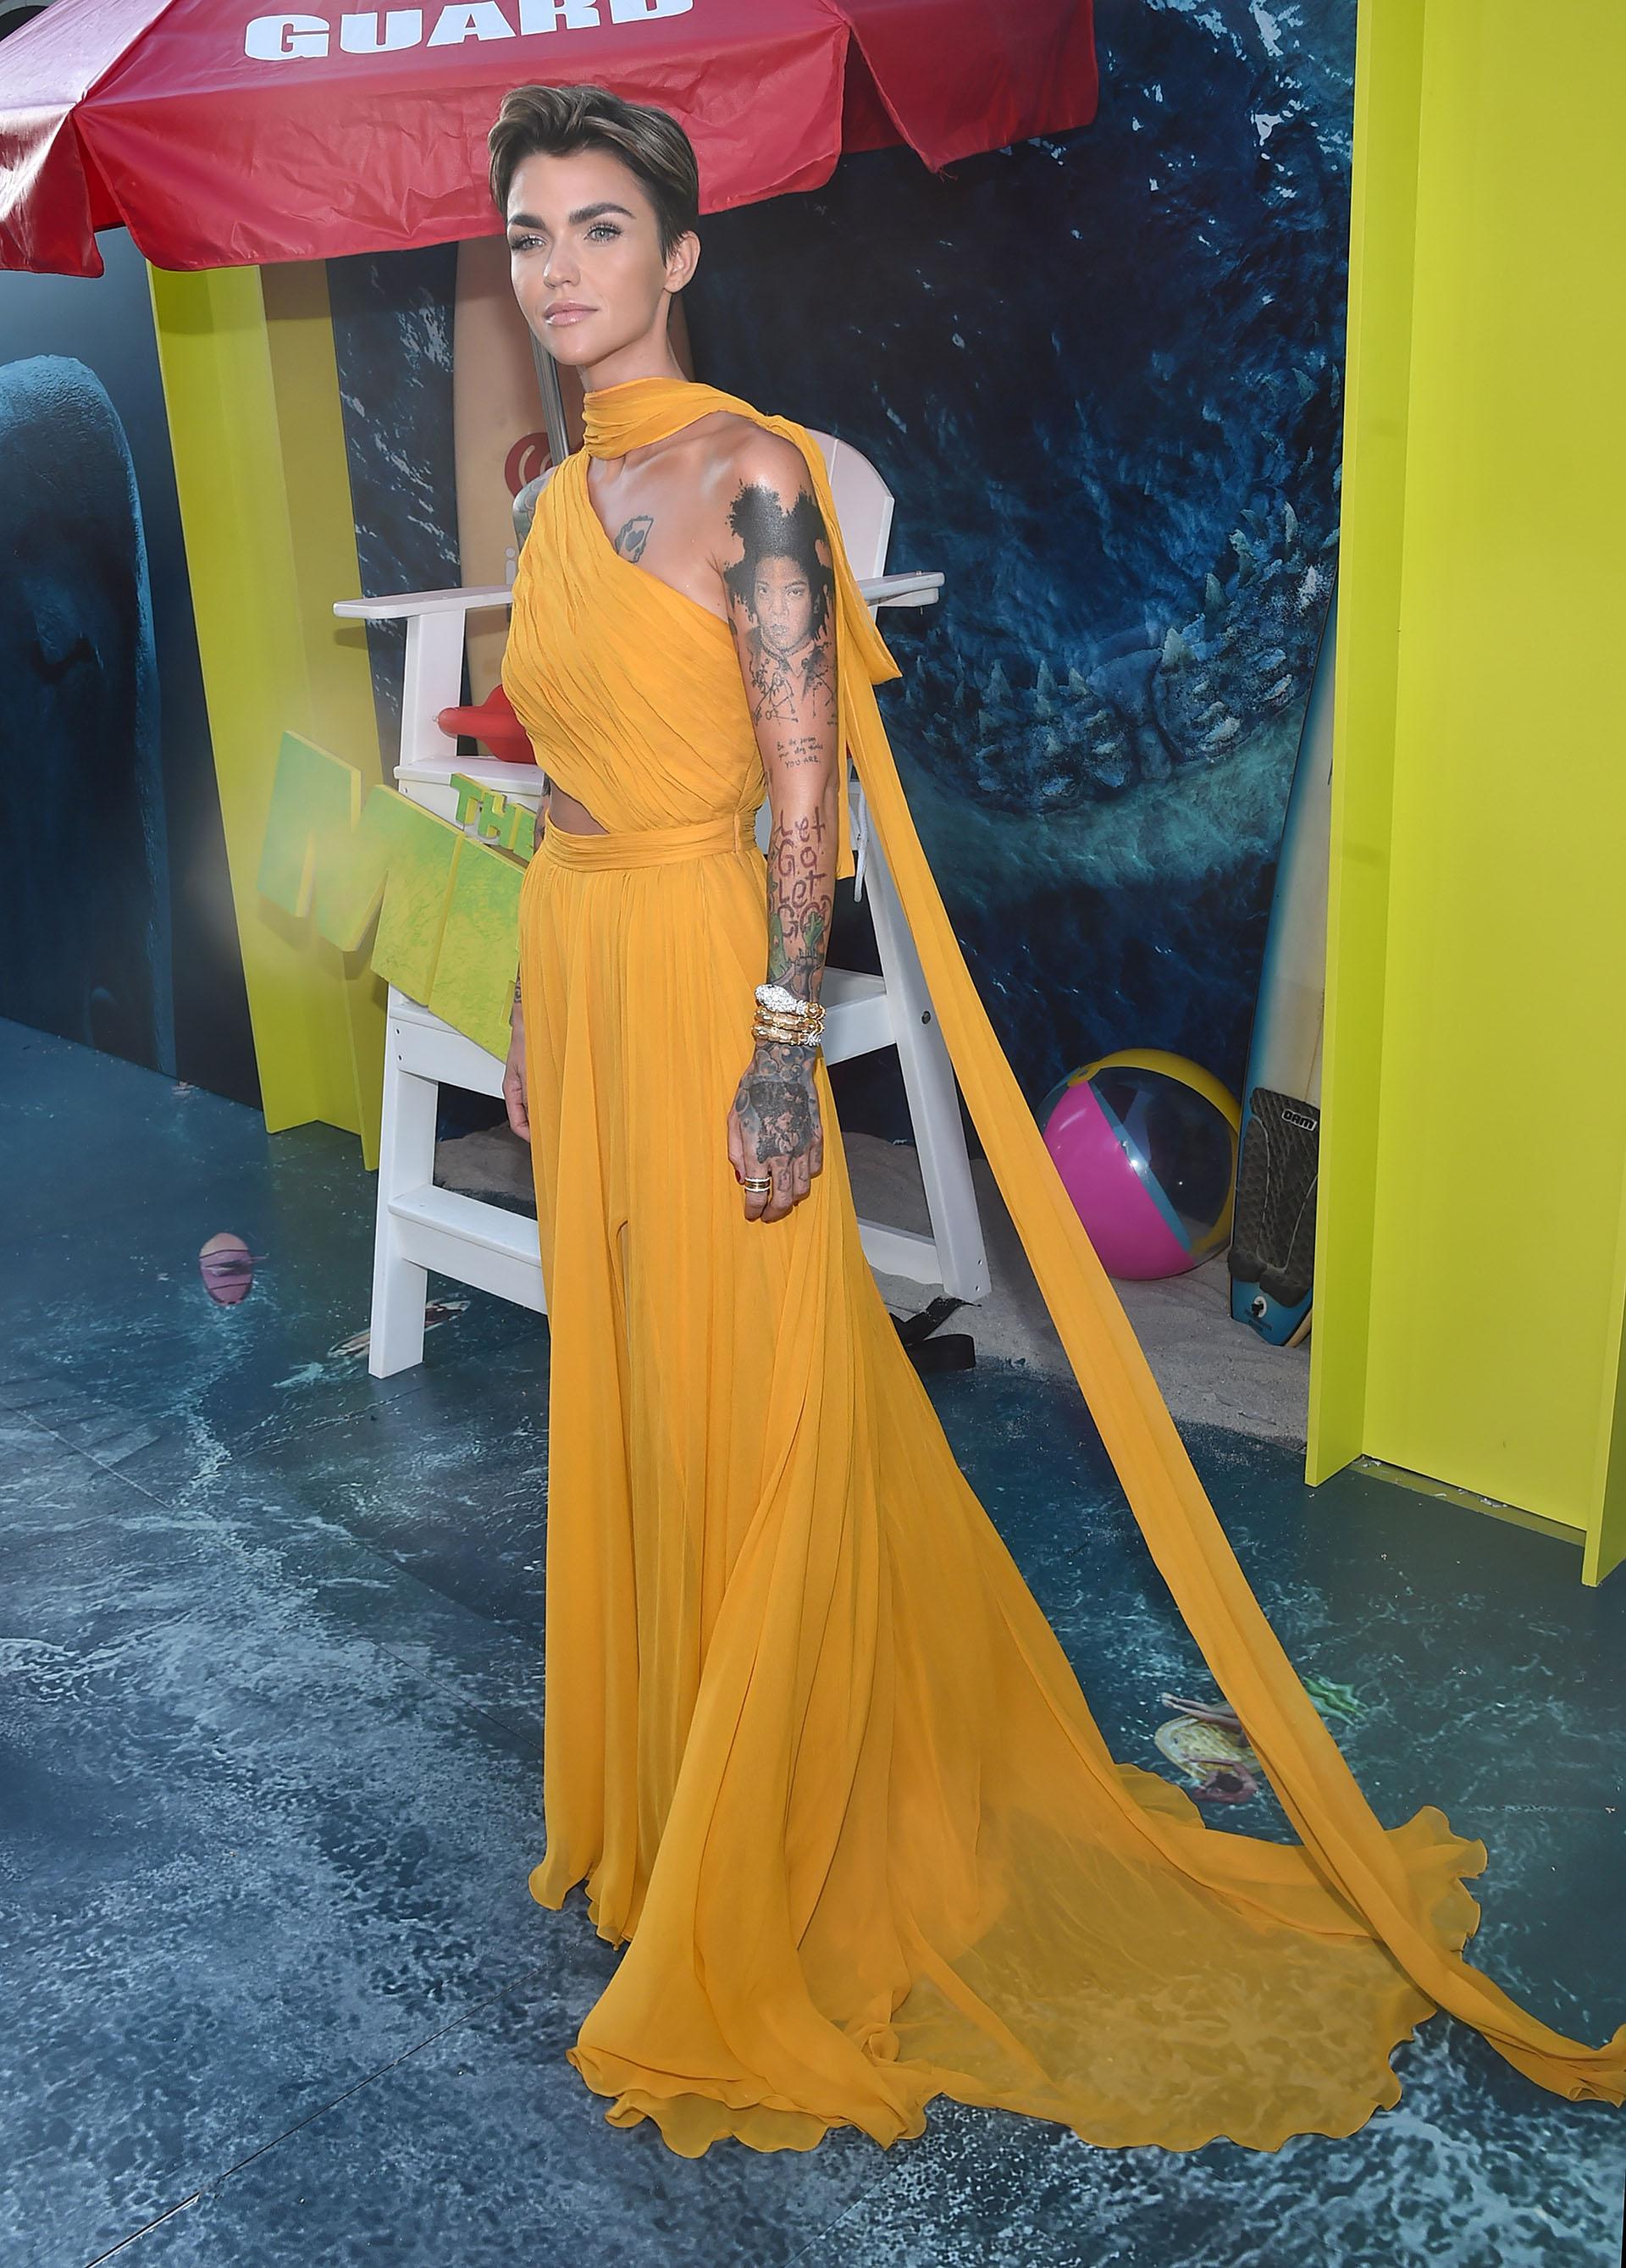 Ruby Rose vistió un fabuloso diseño de gala que permitía ver su estilizada figura y los tatuajes de su cuerpo